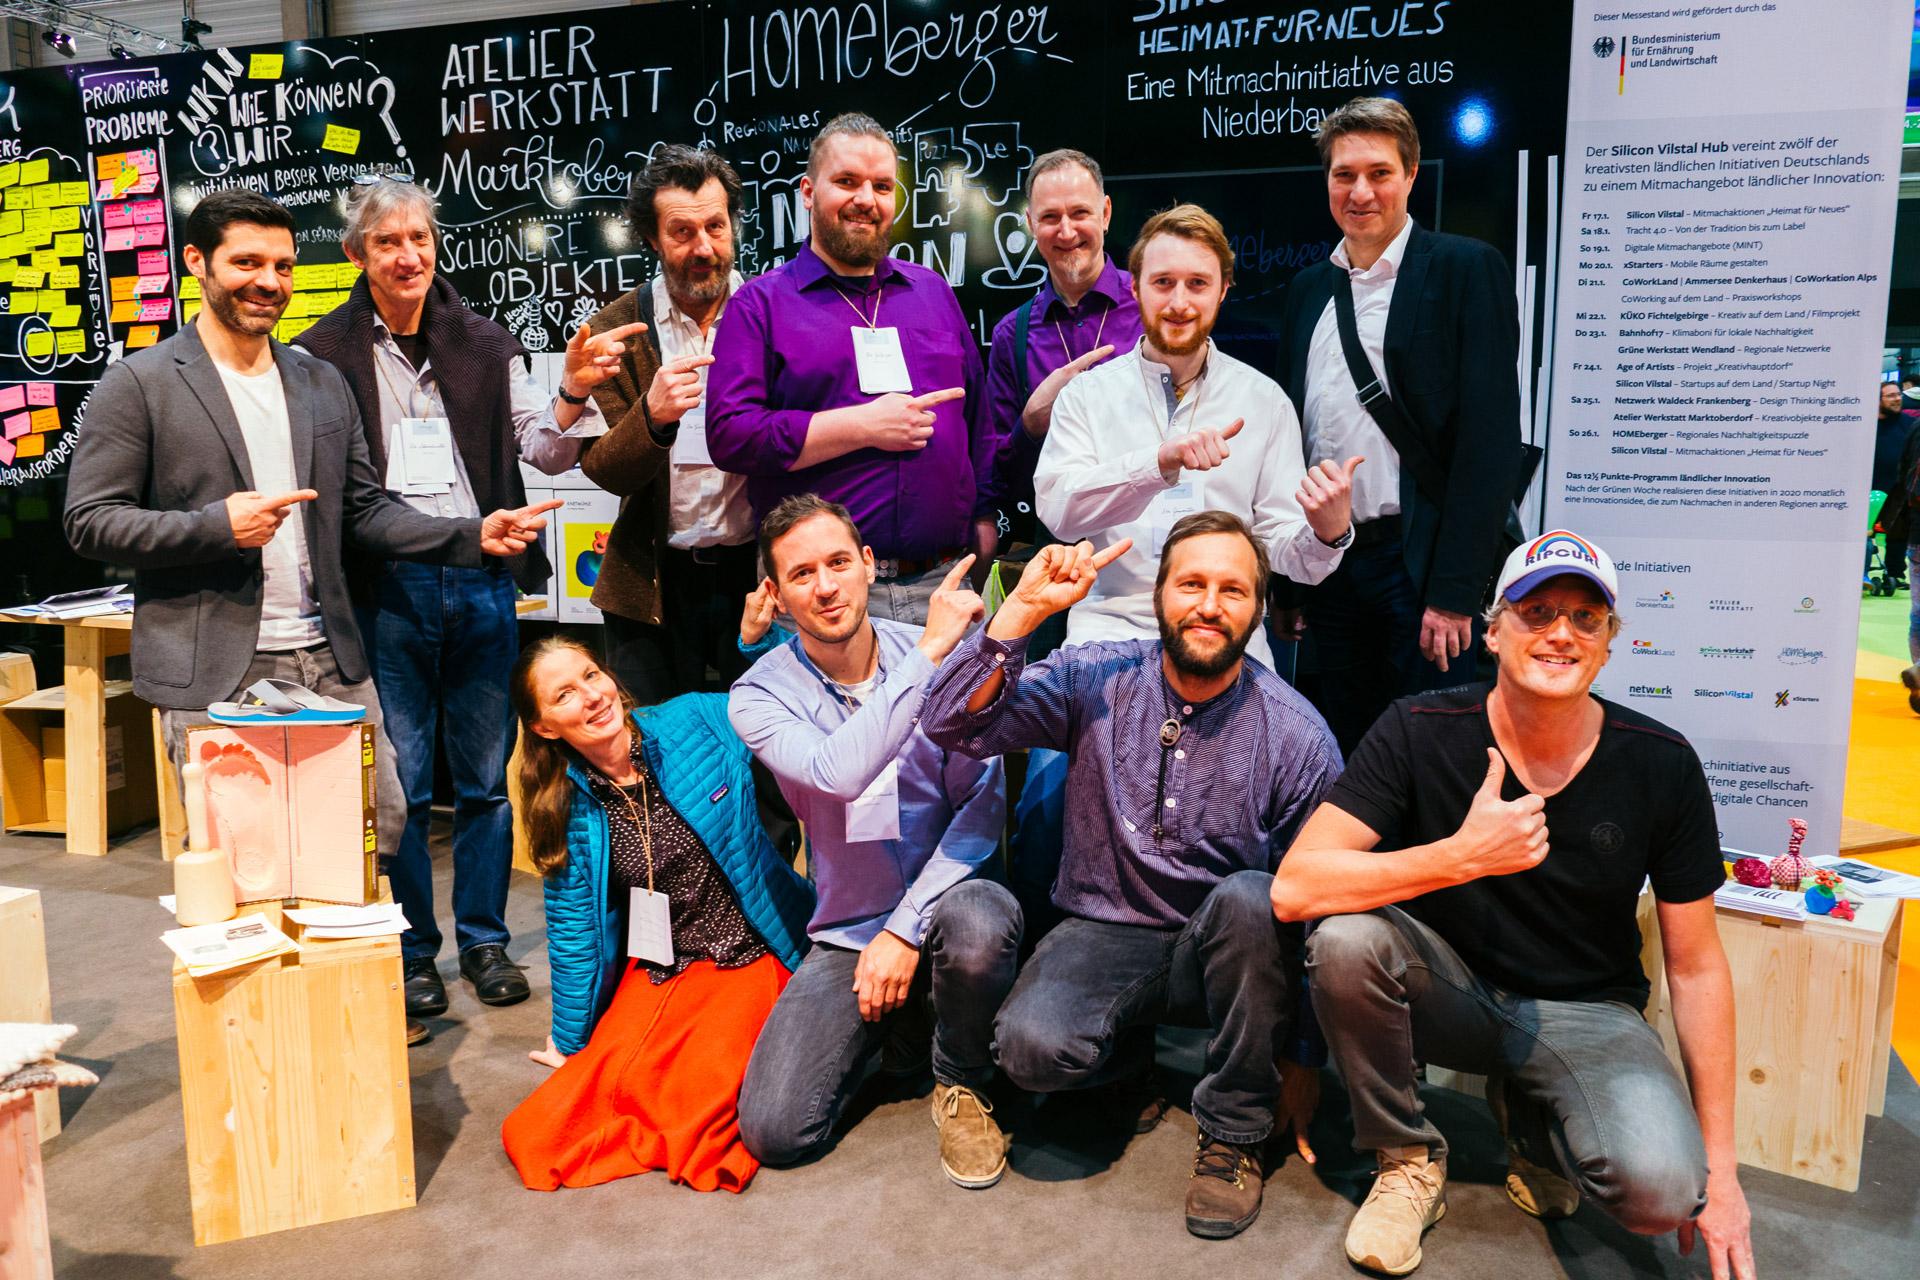 Die HOMEberger waren als eine der zwölf innovativsten ländlichen Initiativen auf 2020 auf der Grünen Woche. Hier im Bild mit Hombergs Bürgermeister Nico Ritz